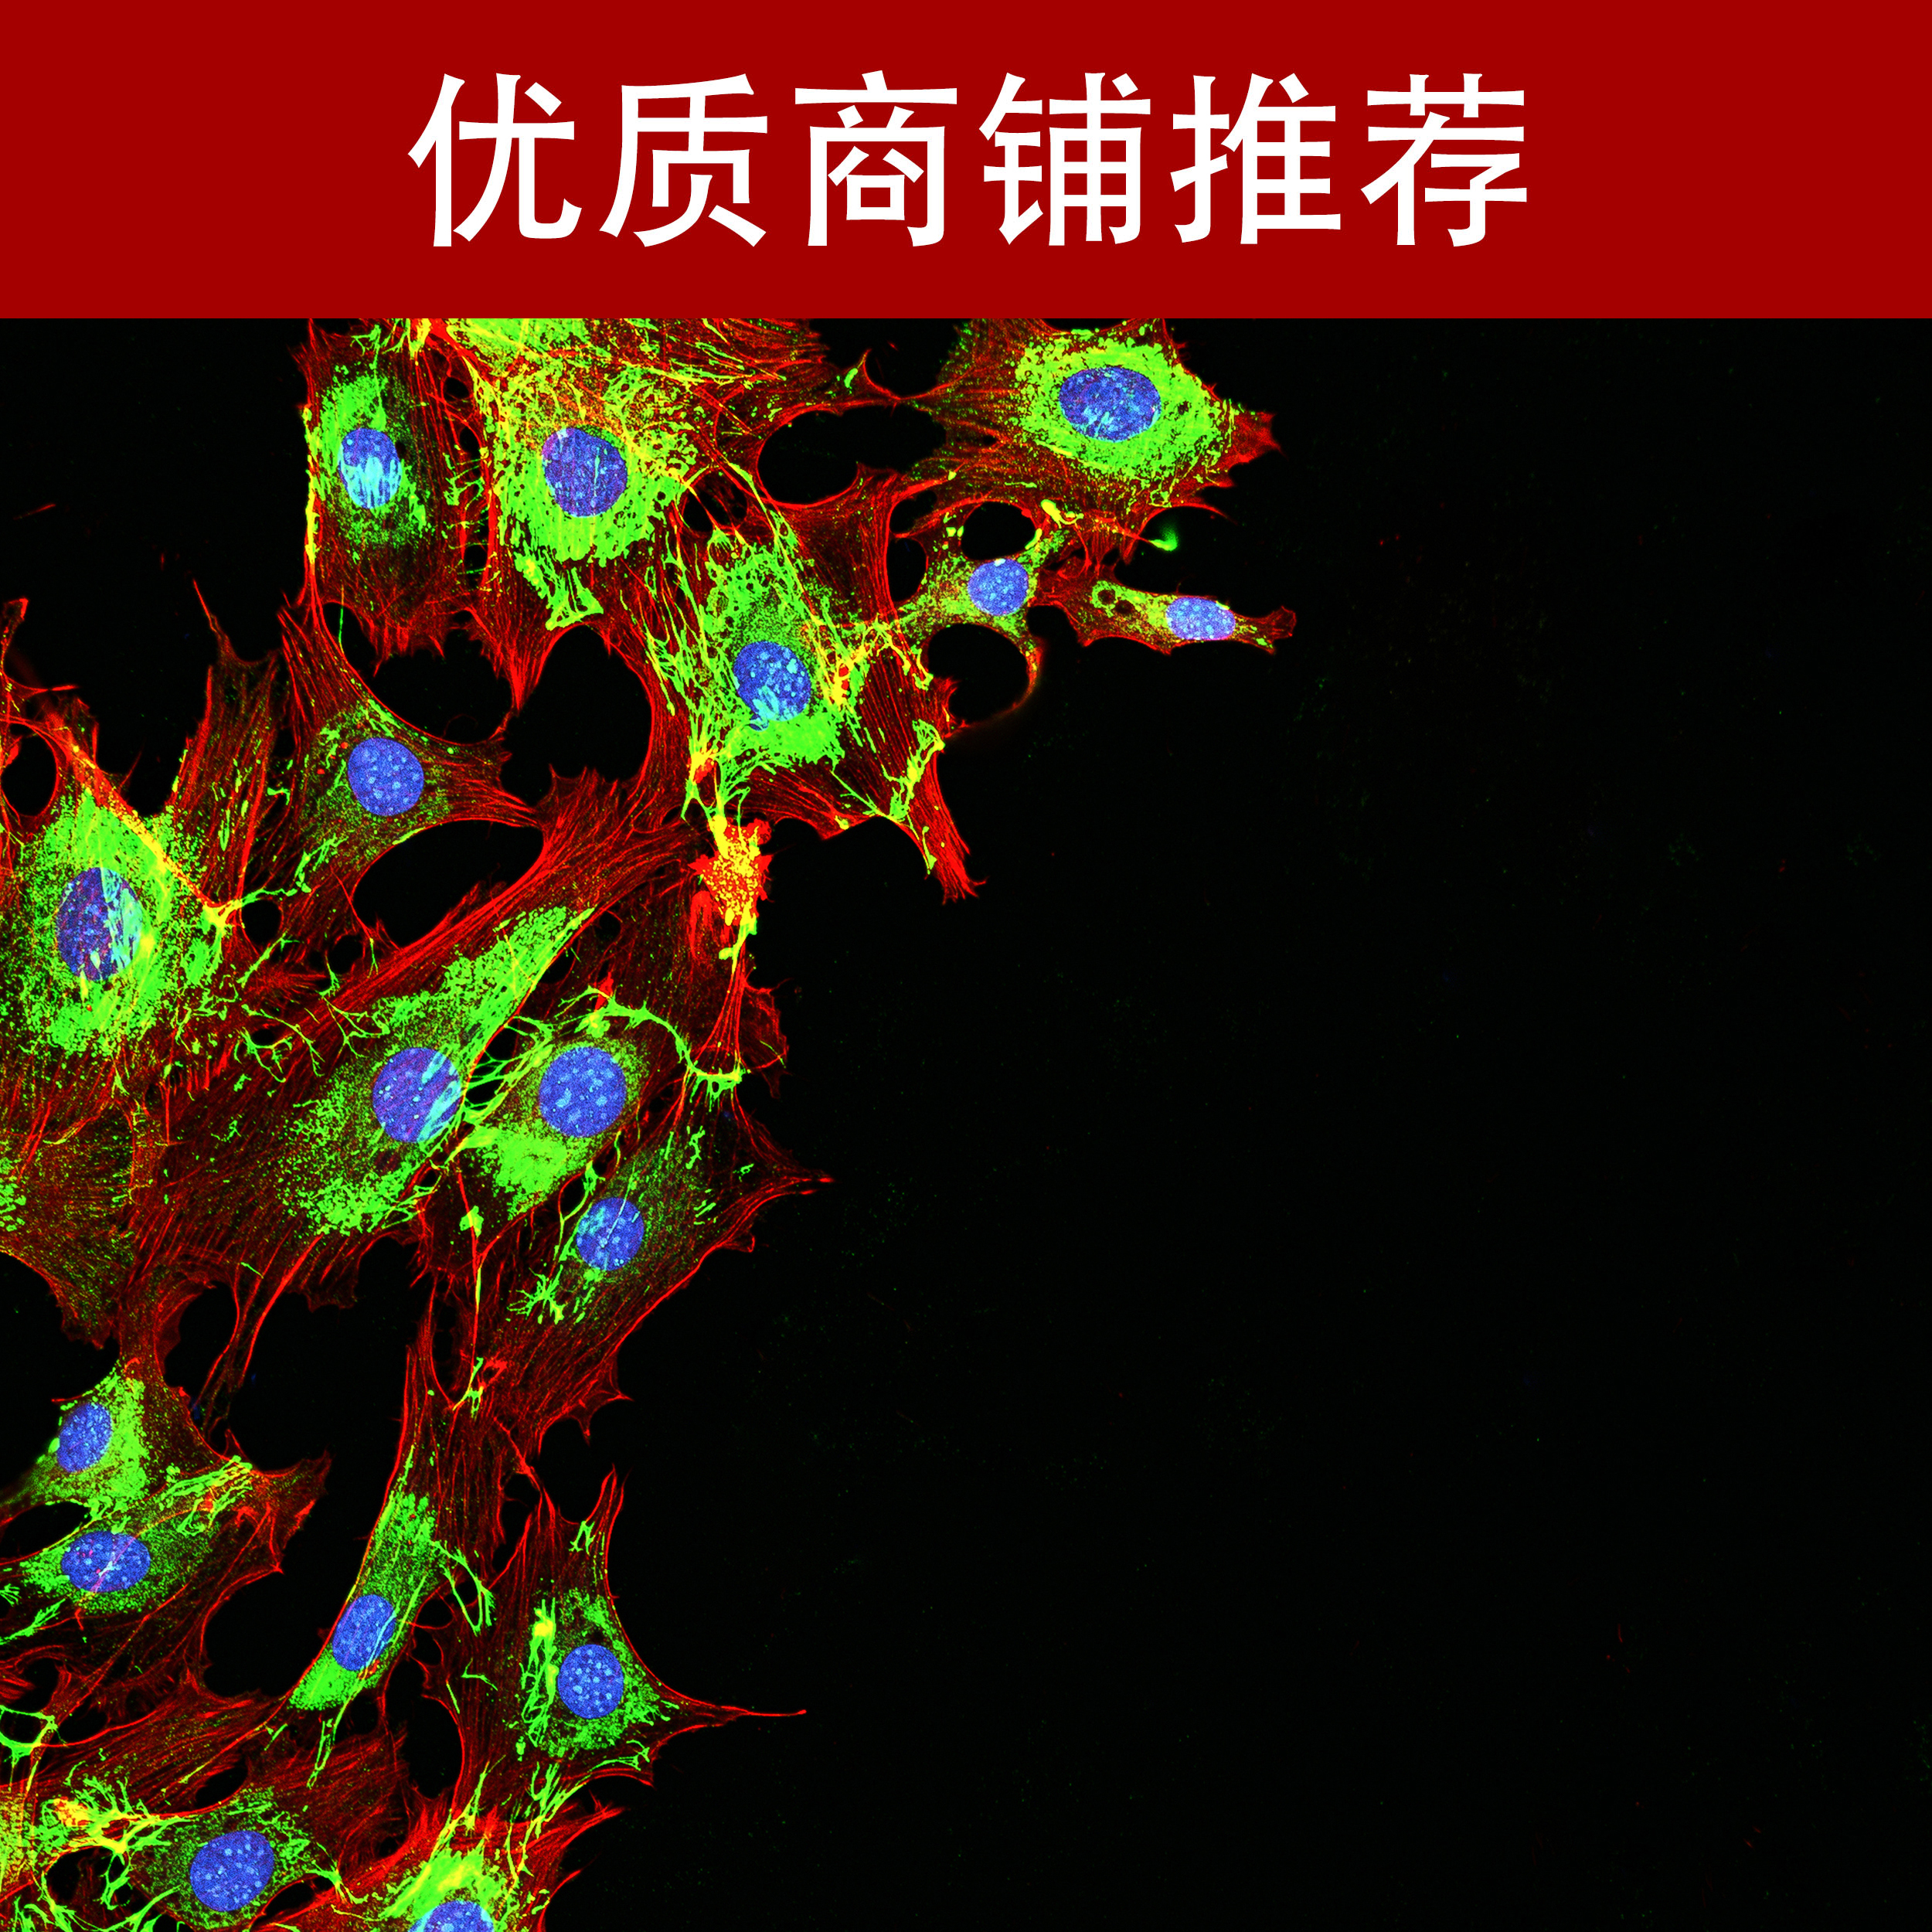 免疫熒光檢測技術服務